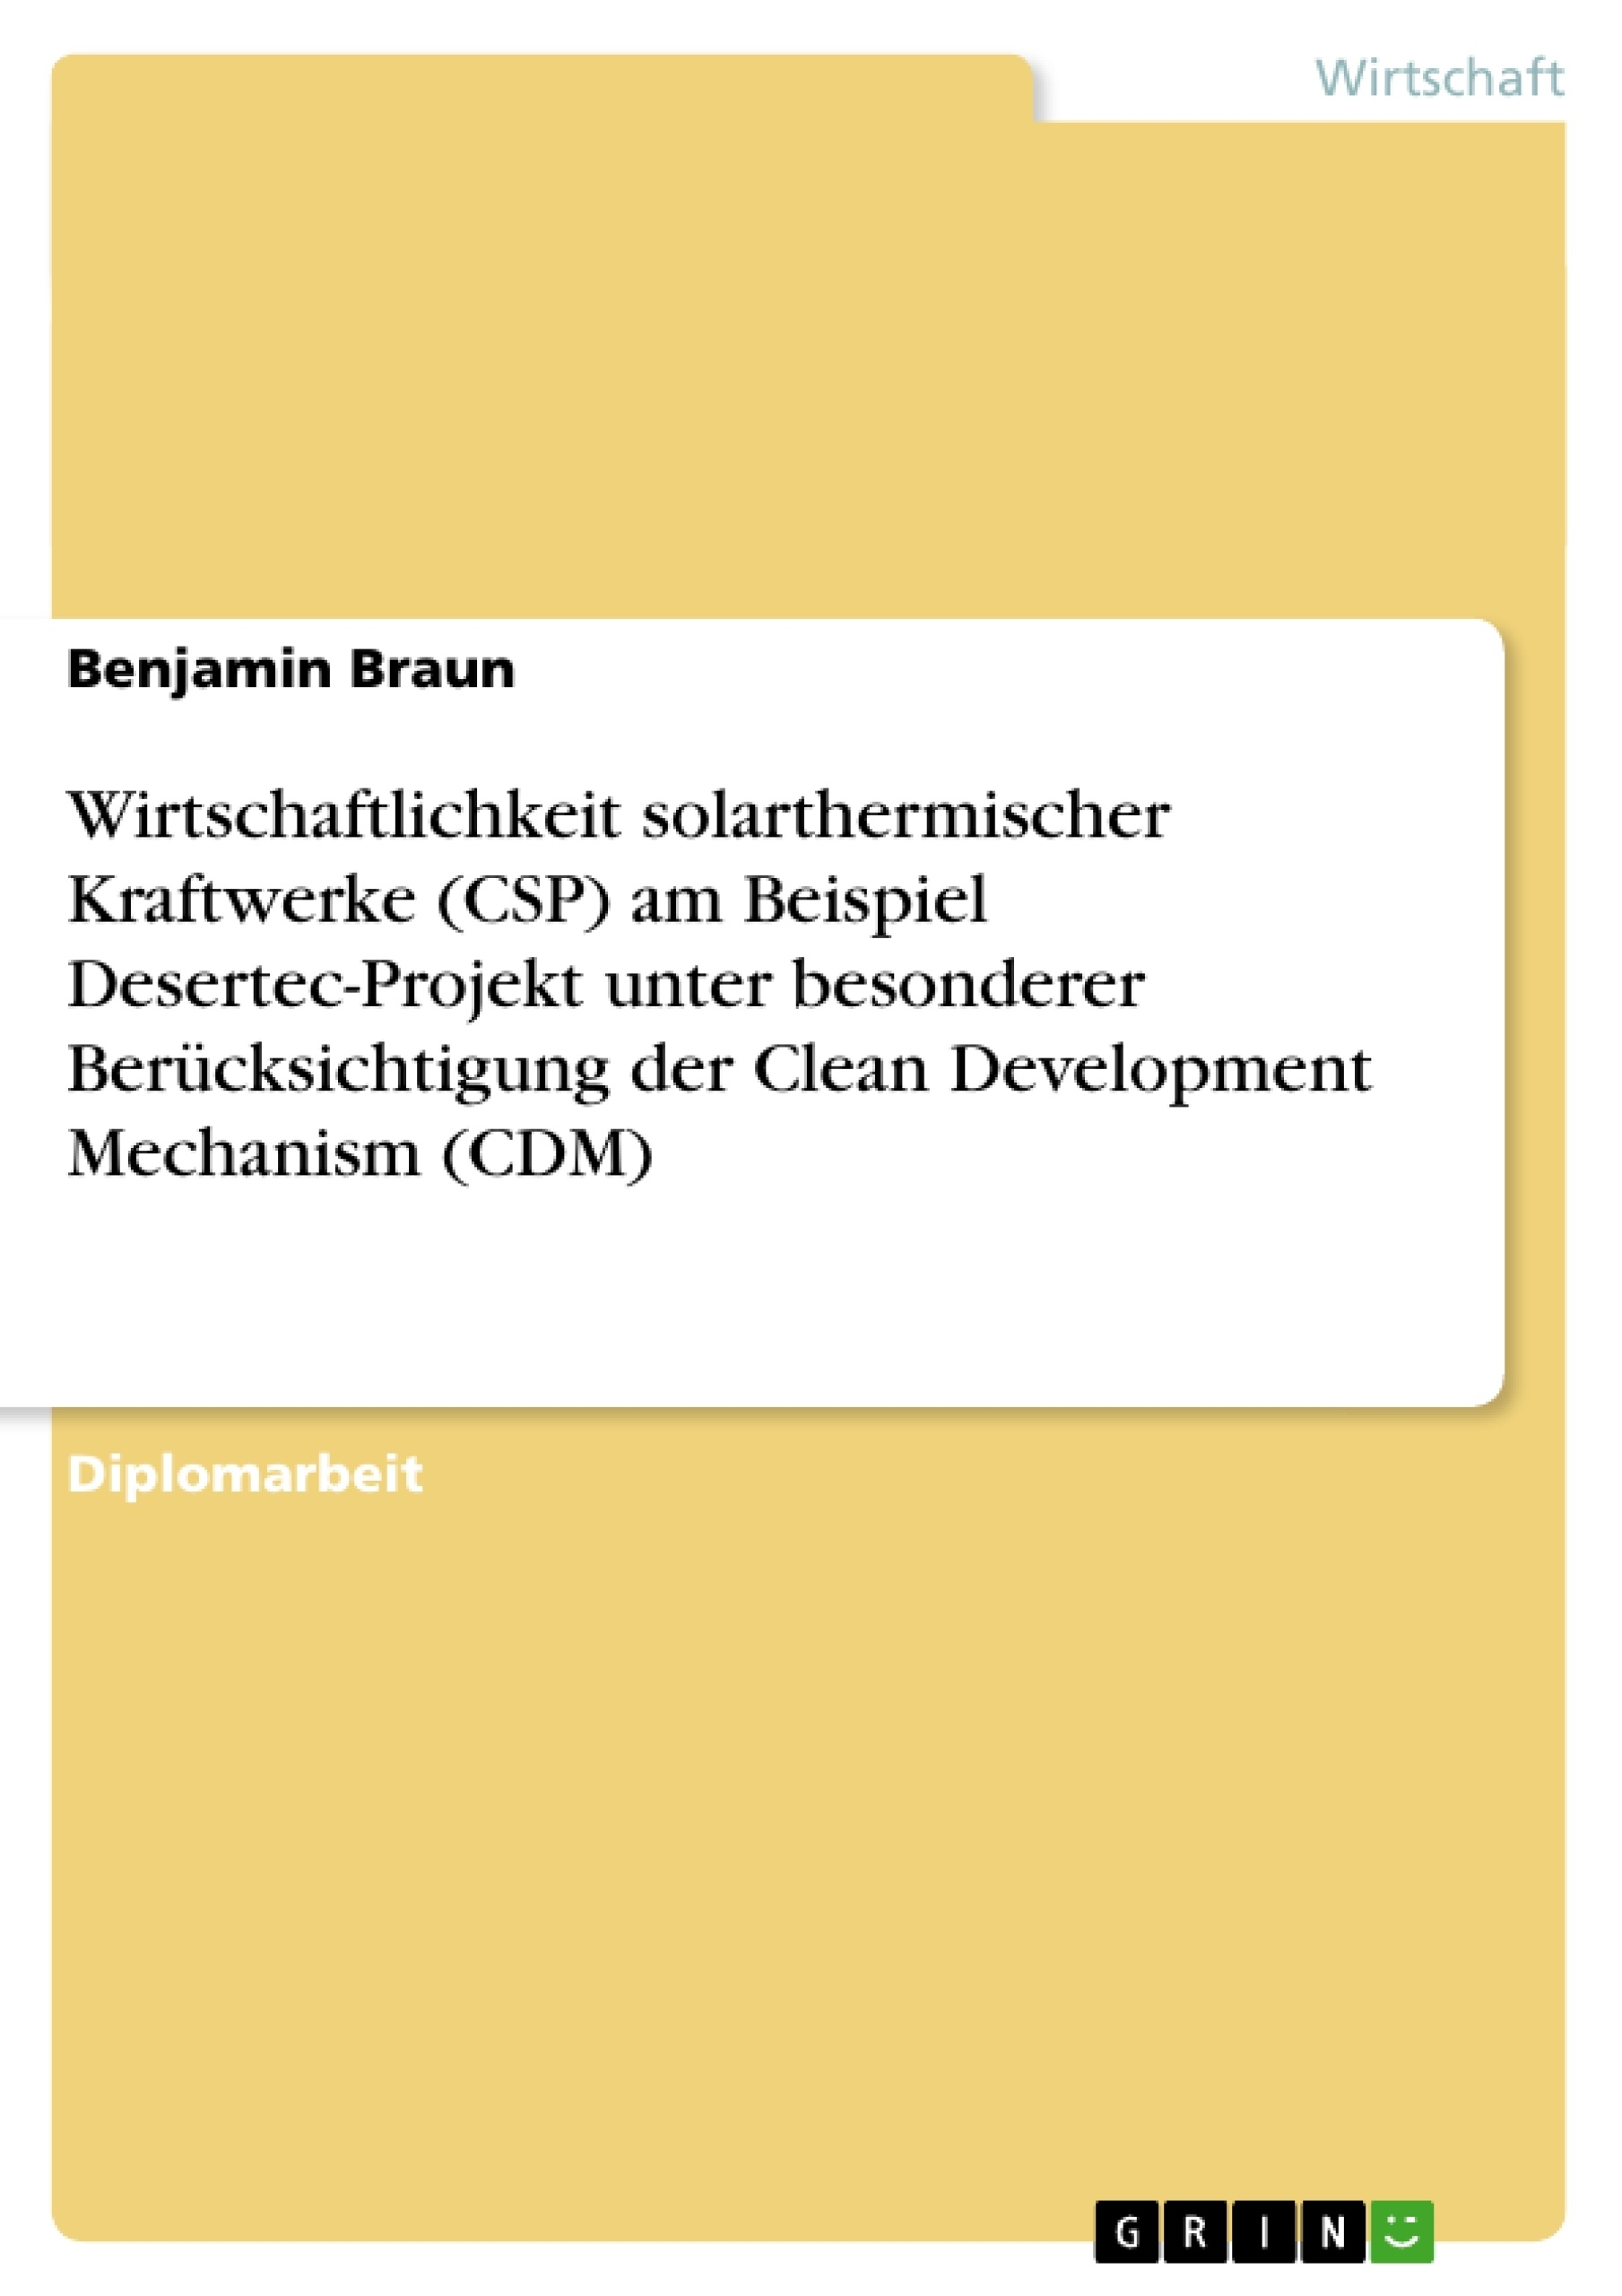 Titel: Wirtschaftlichkeit solarthermischer Kraftwerke (CSP) am Beispiel Desertec-Projekt unter besonderer Berücksichtigung der Clean Development Mechanism (CDM)